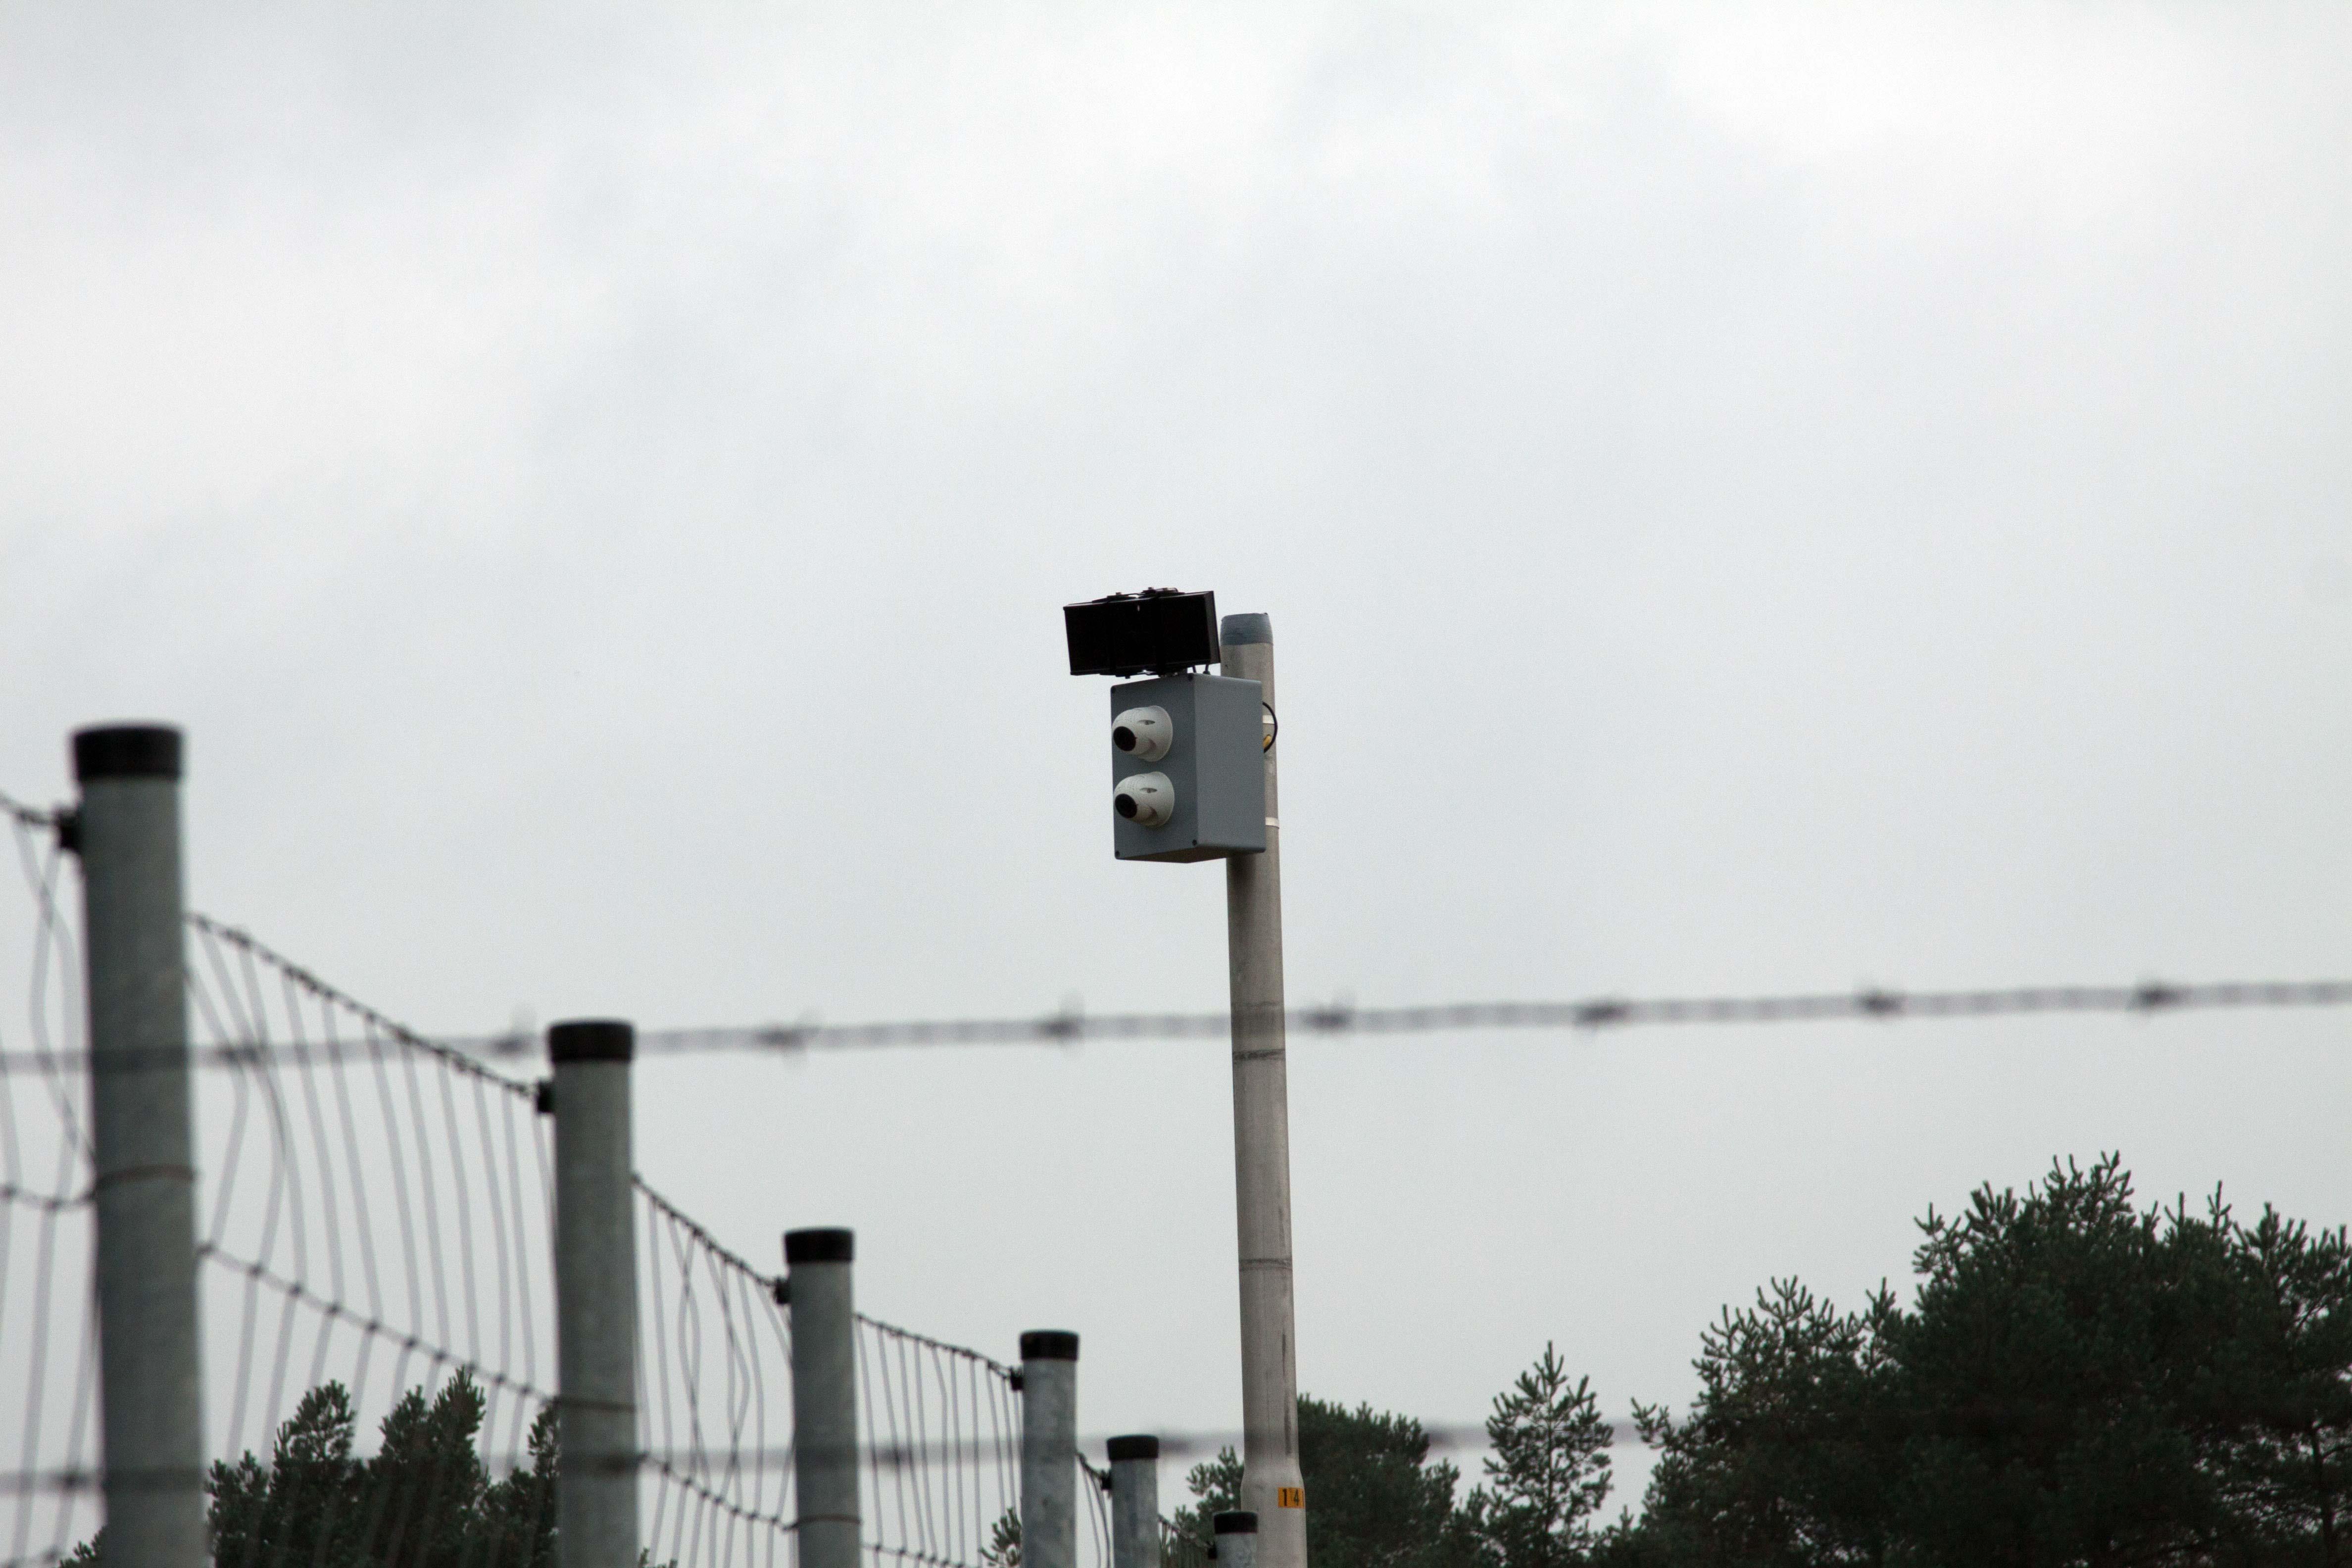 Provinciale wildcam op ecoduct Oud-Reemst, gezien vanuit het Park op 17 oktober 2015 – foto: Anja Arentzen] [foto 07: Provinciale wildmonitoring op ecoduct Oud-Reemst, gezien vanuit het Park op 17 oktober 2015 – Foto: ©Yvonne Arentzen